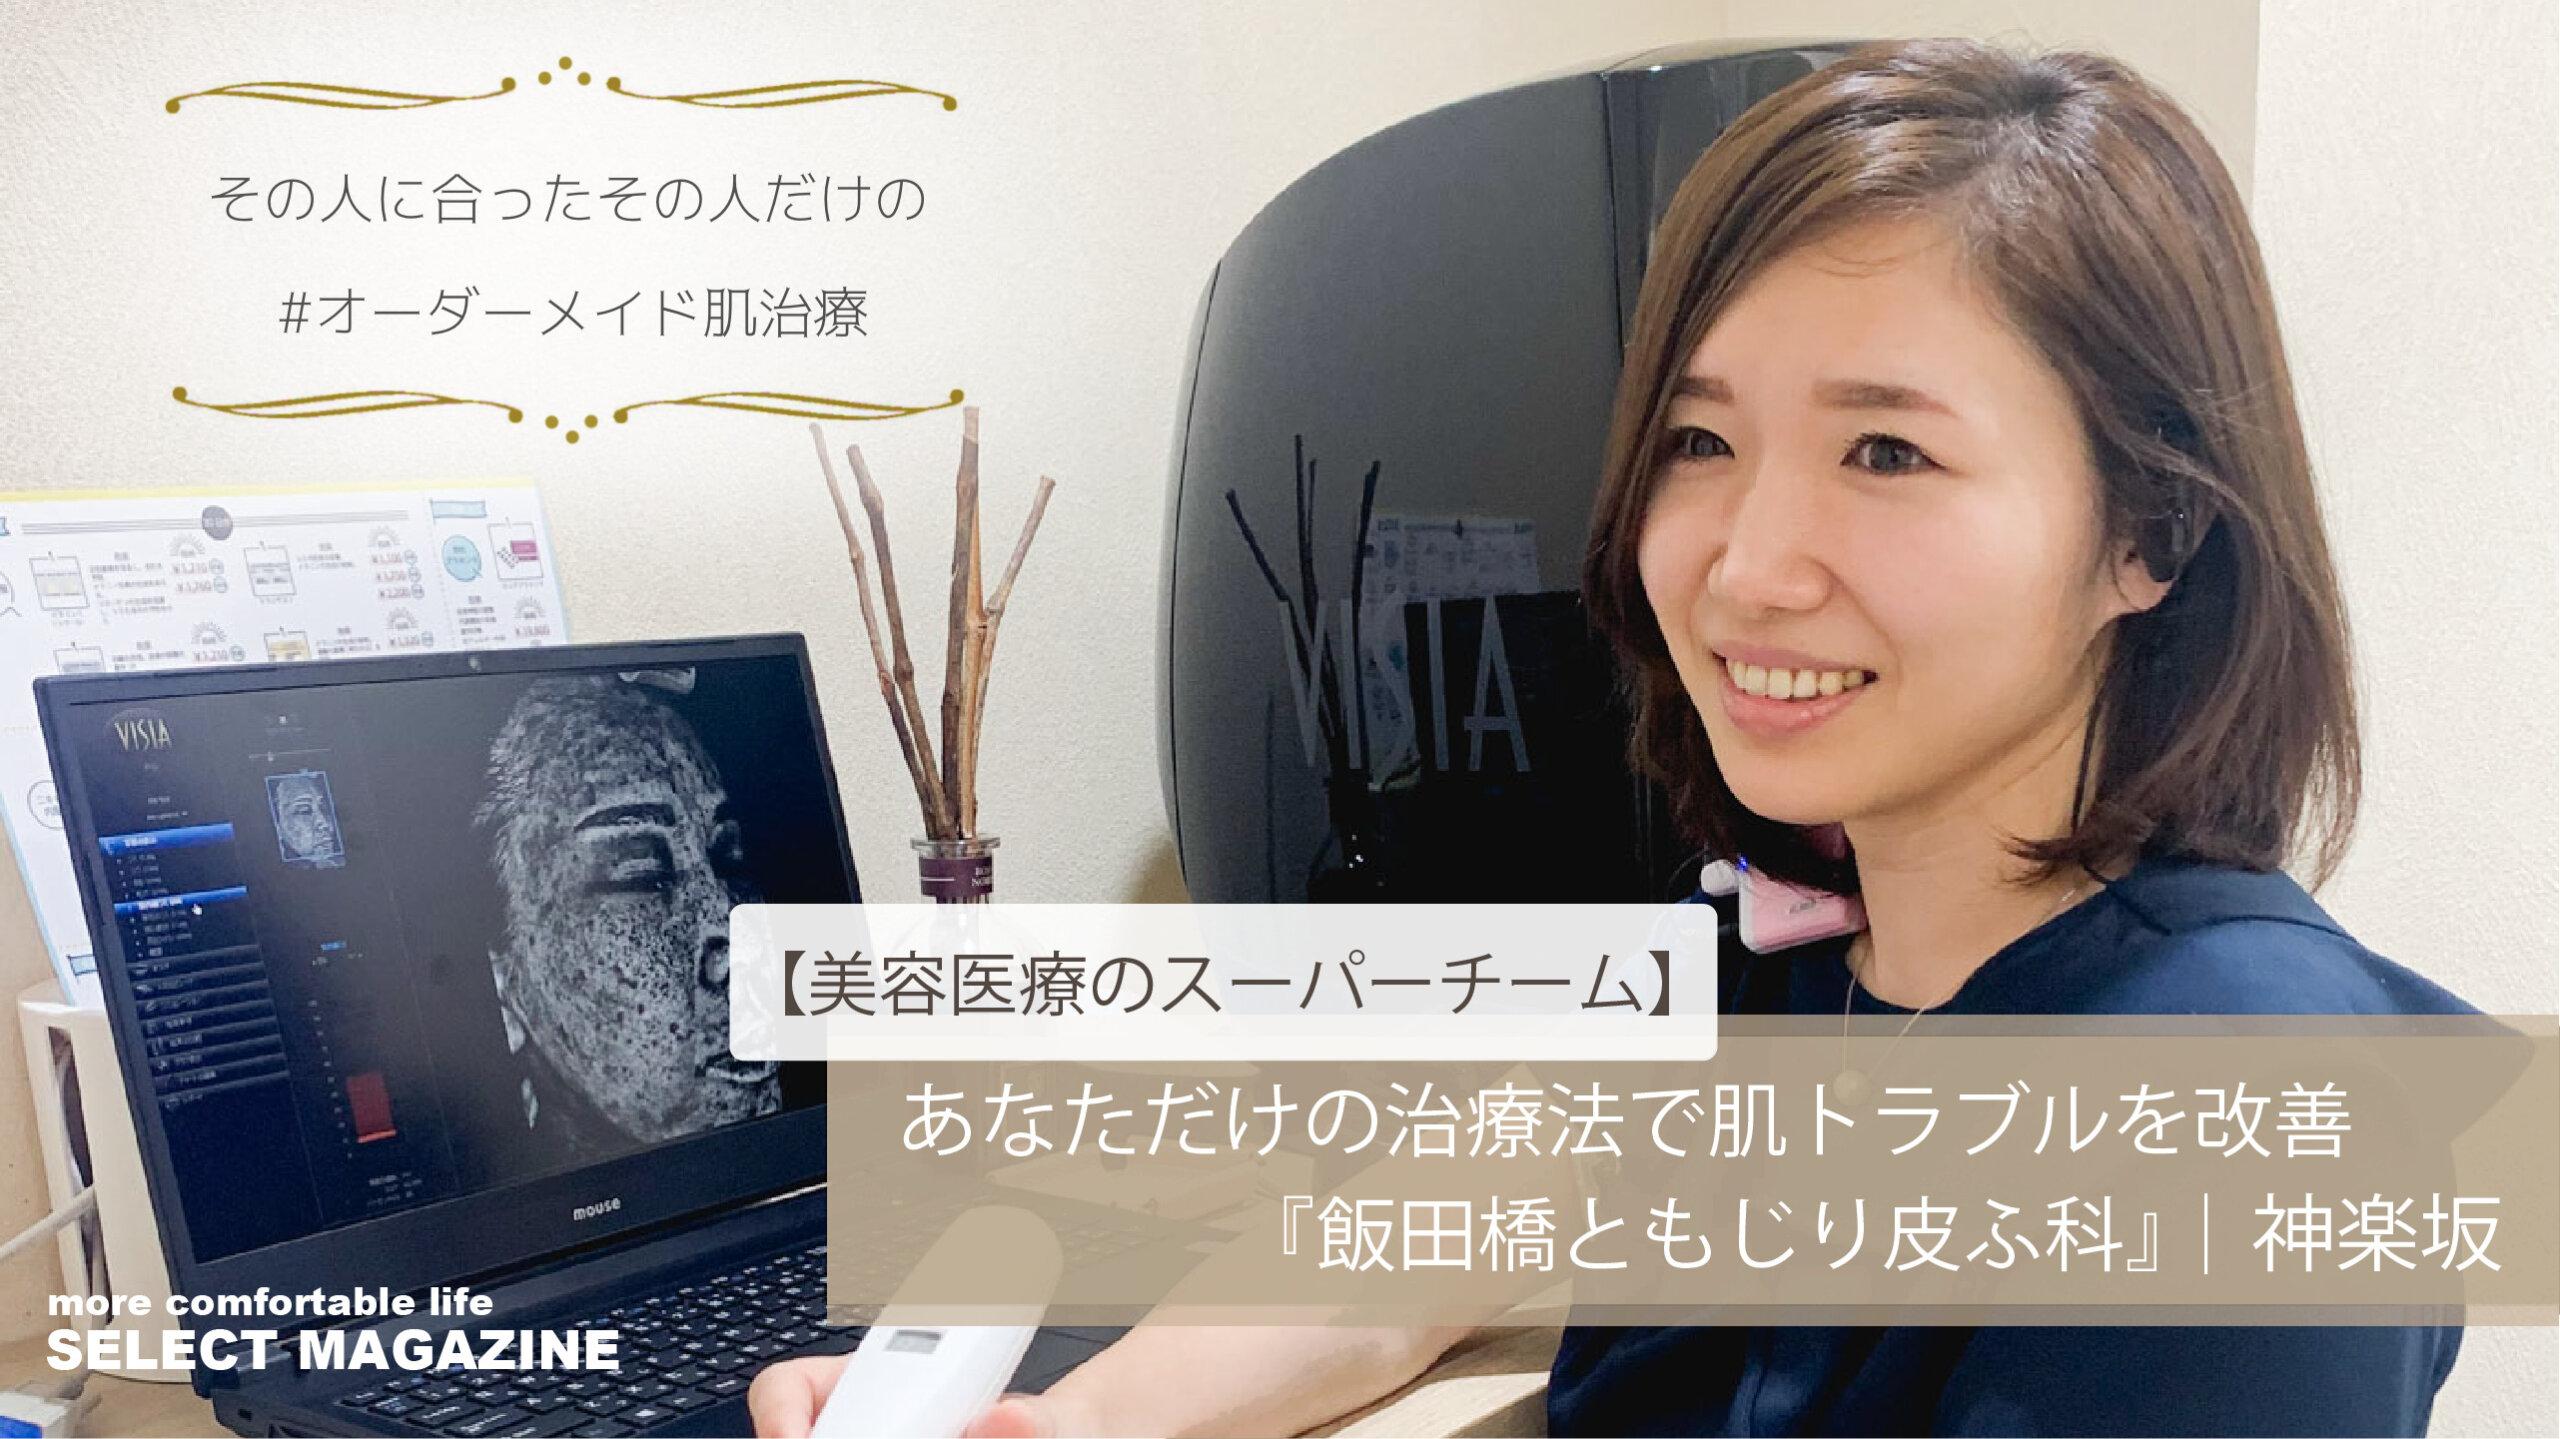 【美容医療のスーパーチーム】あなただけの治療法で肌トラブルを改善『飯田橋ともじり皮ふ科』|飯田橋